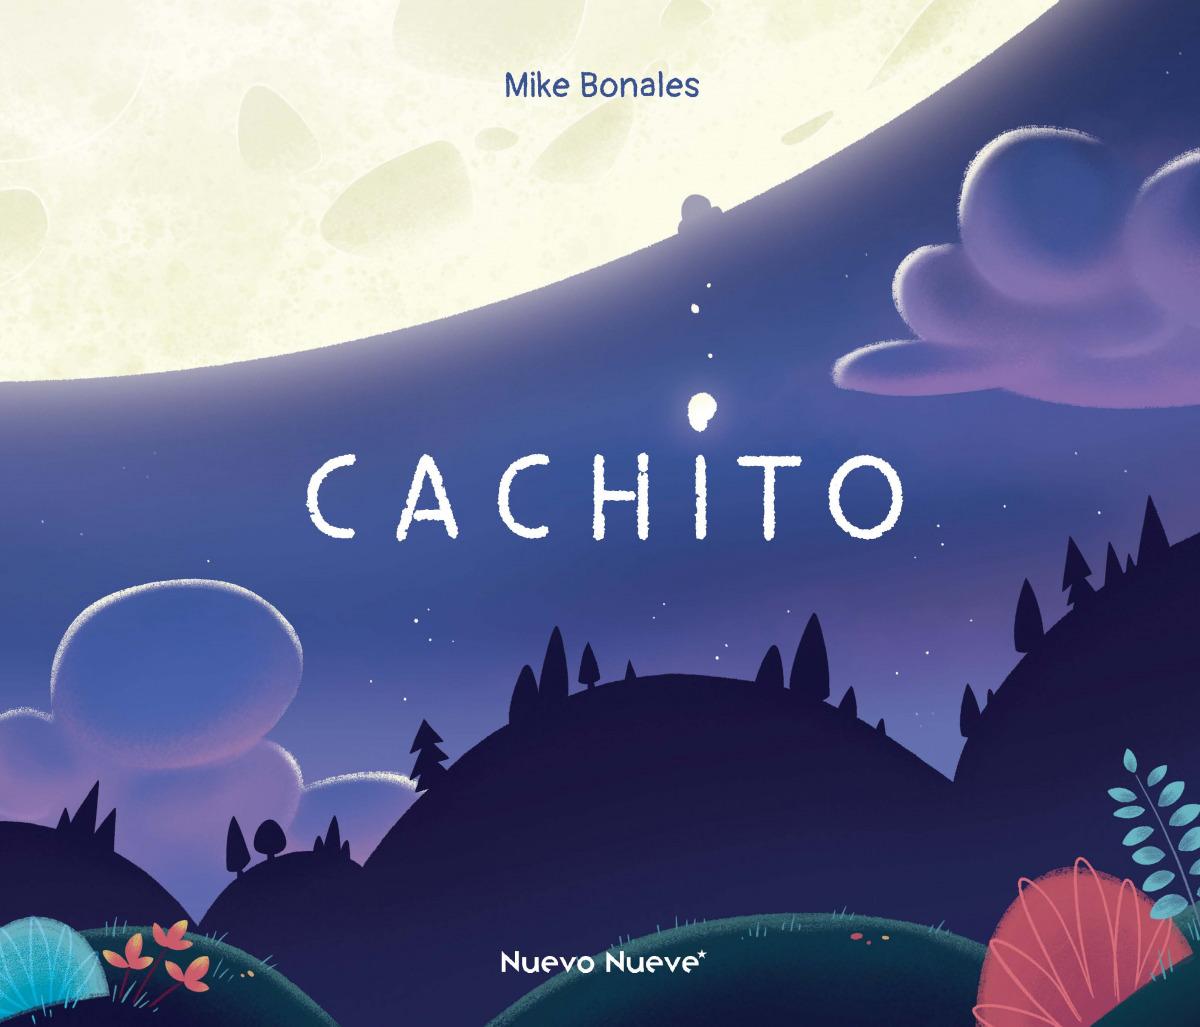 Cachito